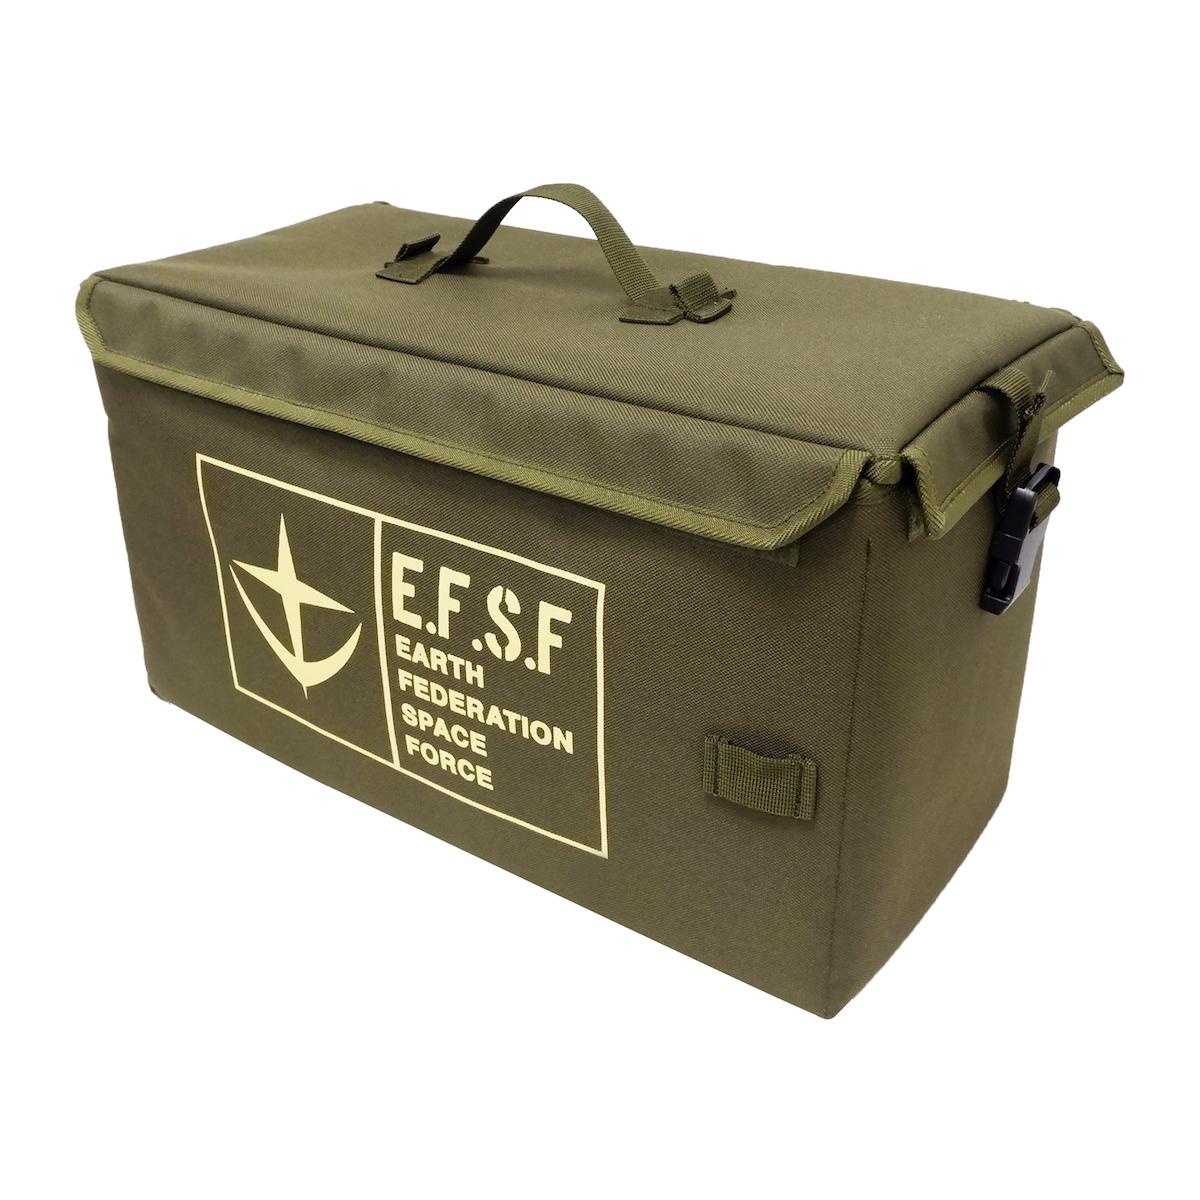 18-1 軍風彈藥收納箱-地球聯邦.jpg